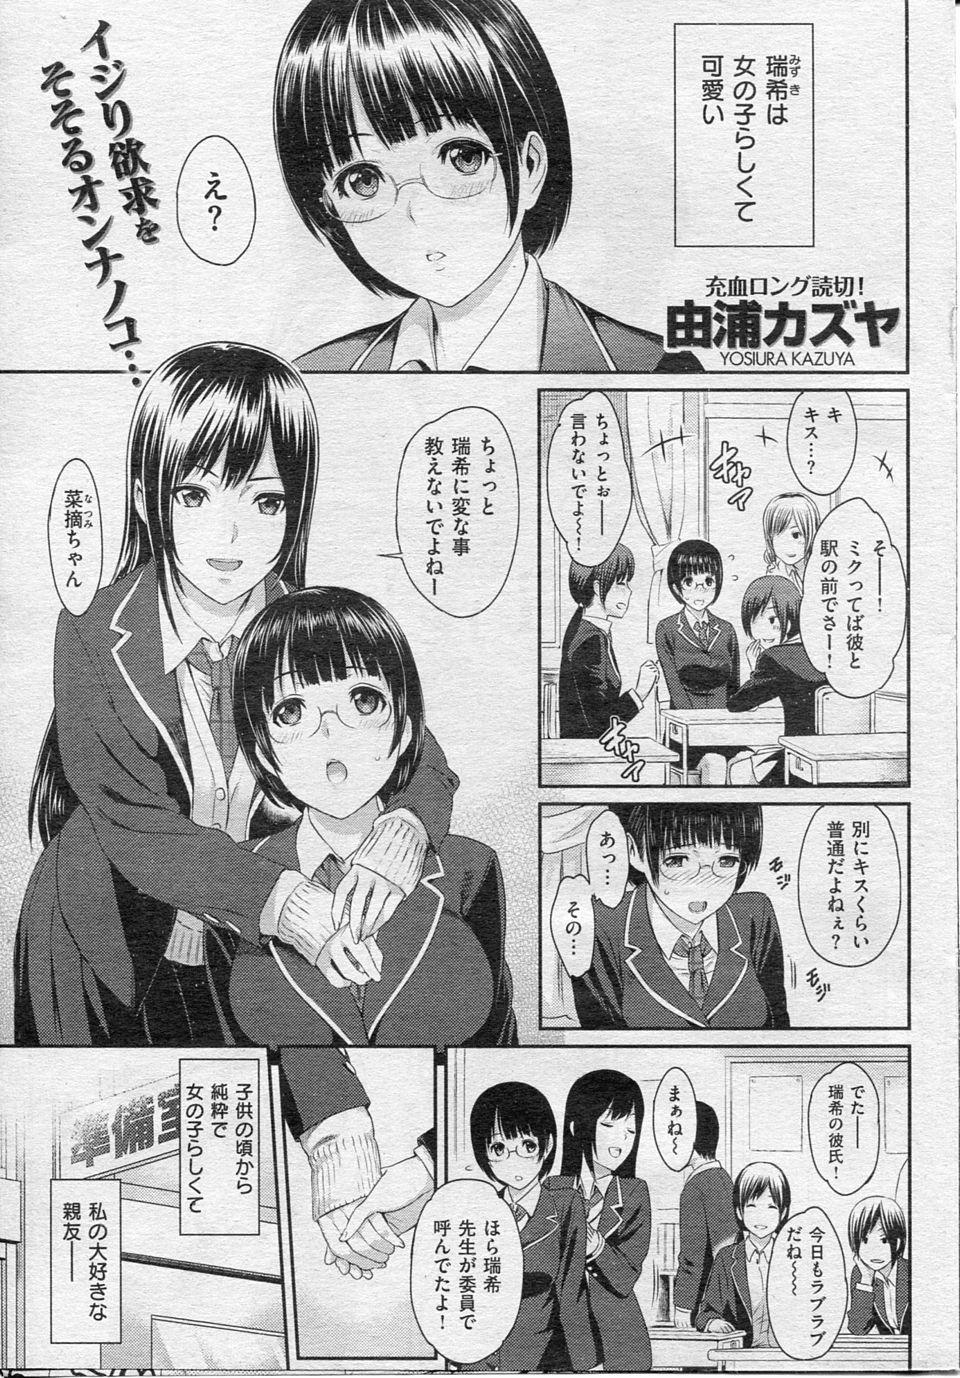 [由浦カズヤ] ふたりよがり (1)